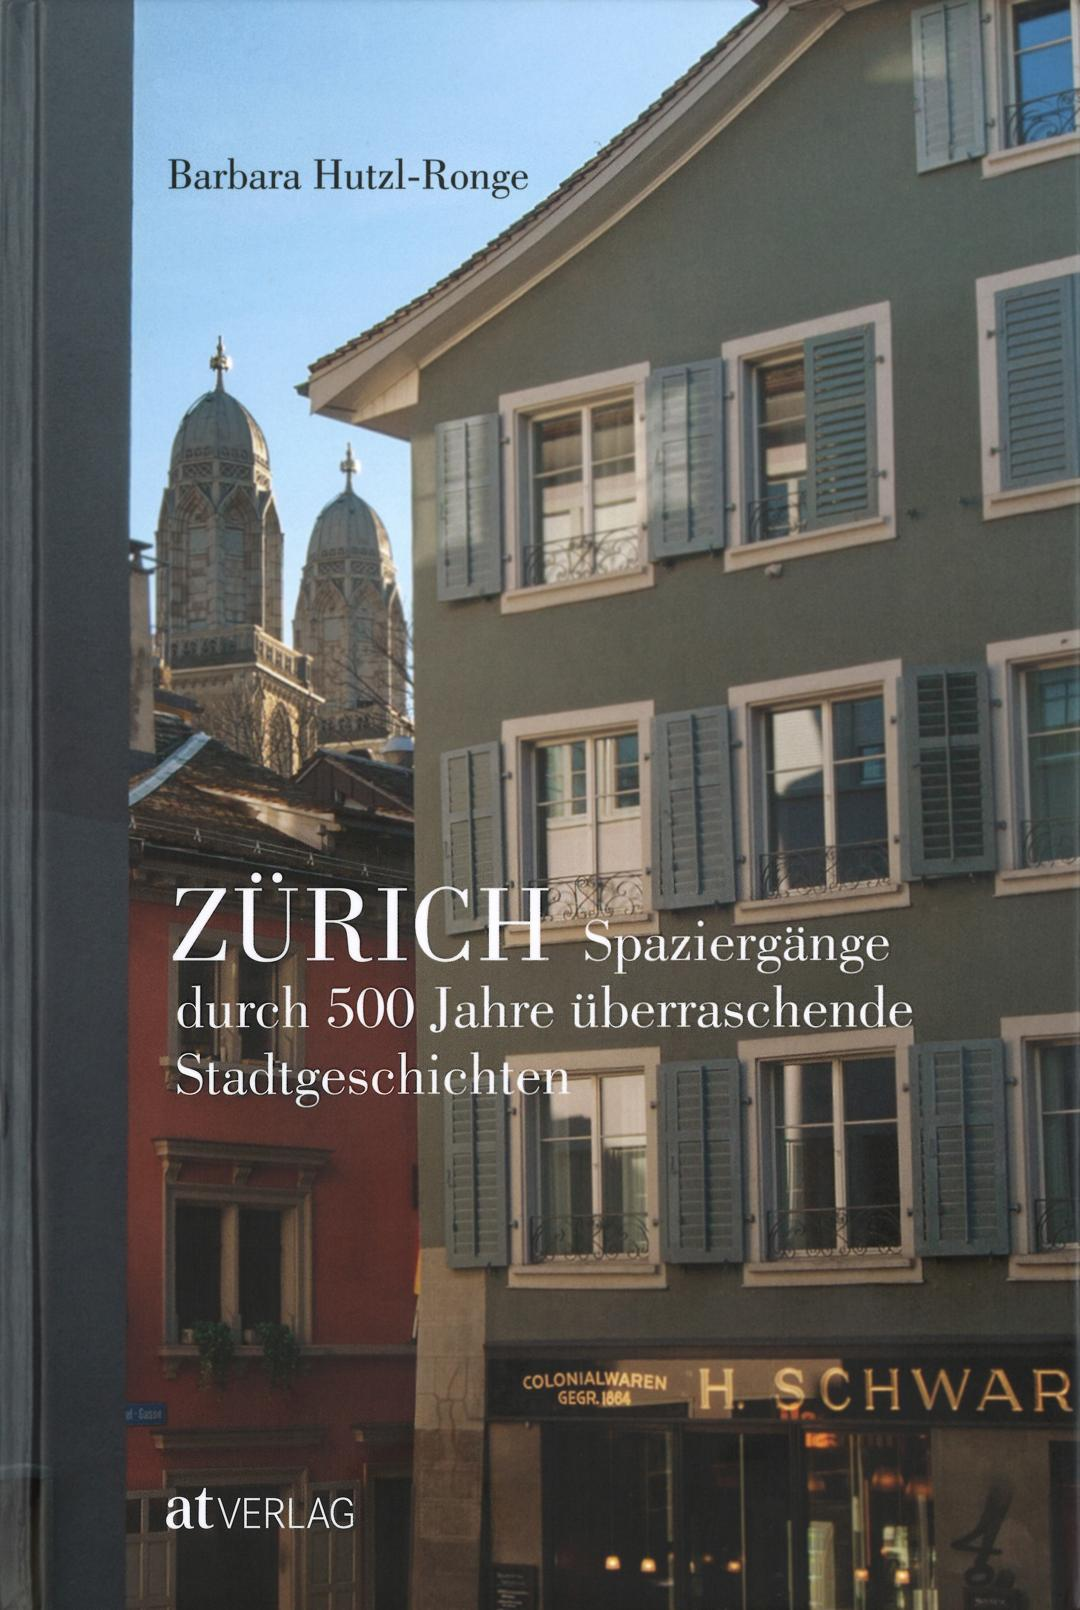 «Zürich – Spaziergänge durch 500 Jahre überraschende Stadtgeschichten», Barbara Hutzl-Ronge, Zürich 2019, Signatur: 2019 A 36465